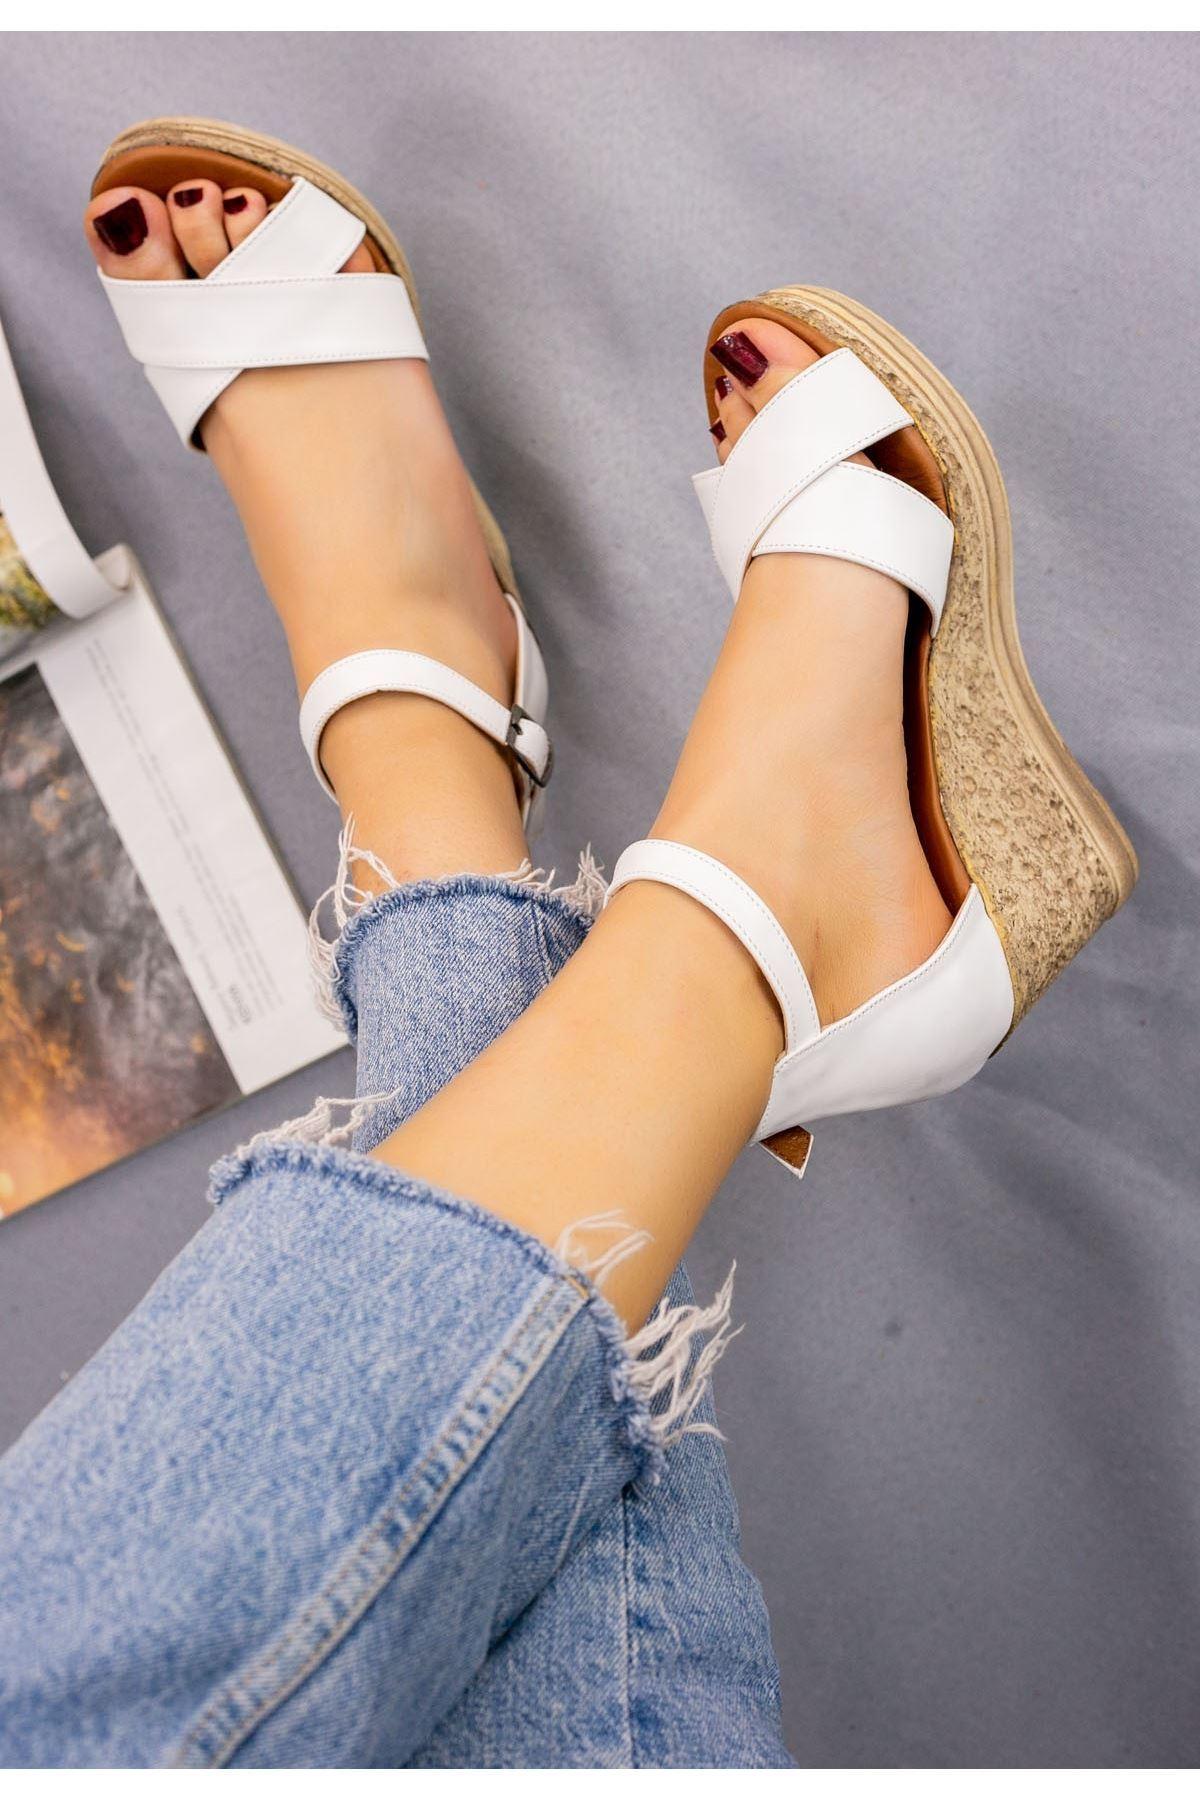 Petro Beyaz Cilt Dolgu Topuk Sandalet